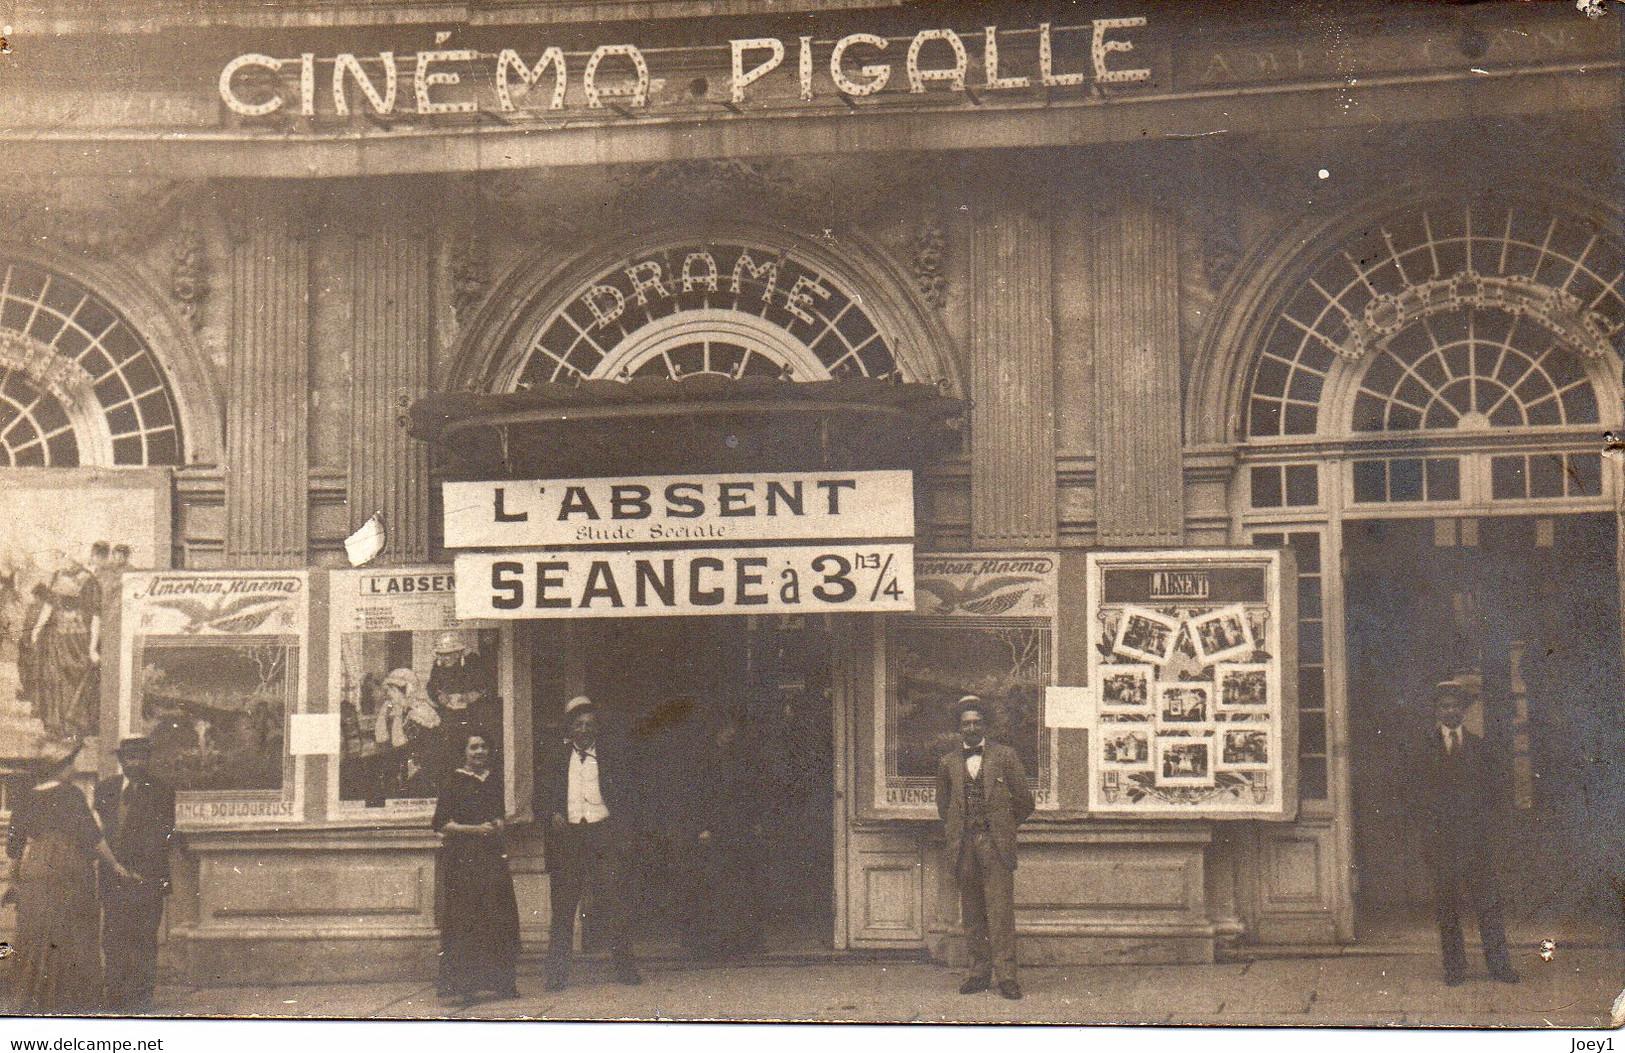 Carte Photo Paris Cinéma  Pigalle,Place Pigalle Début 20ème Siècle - Places